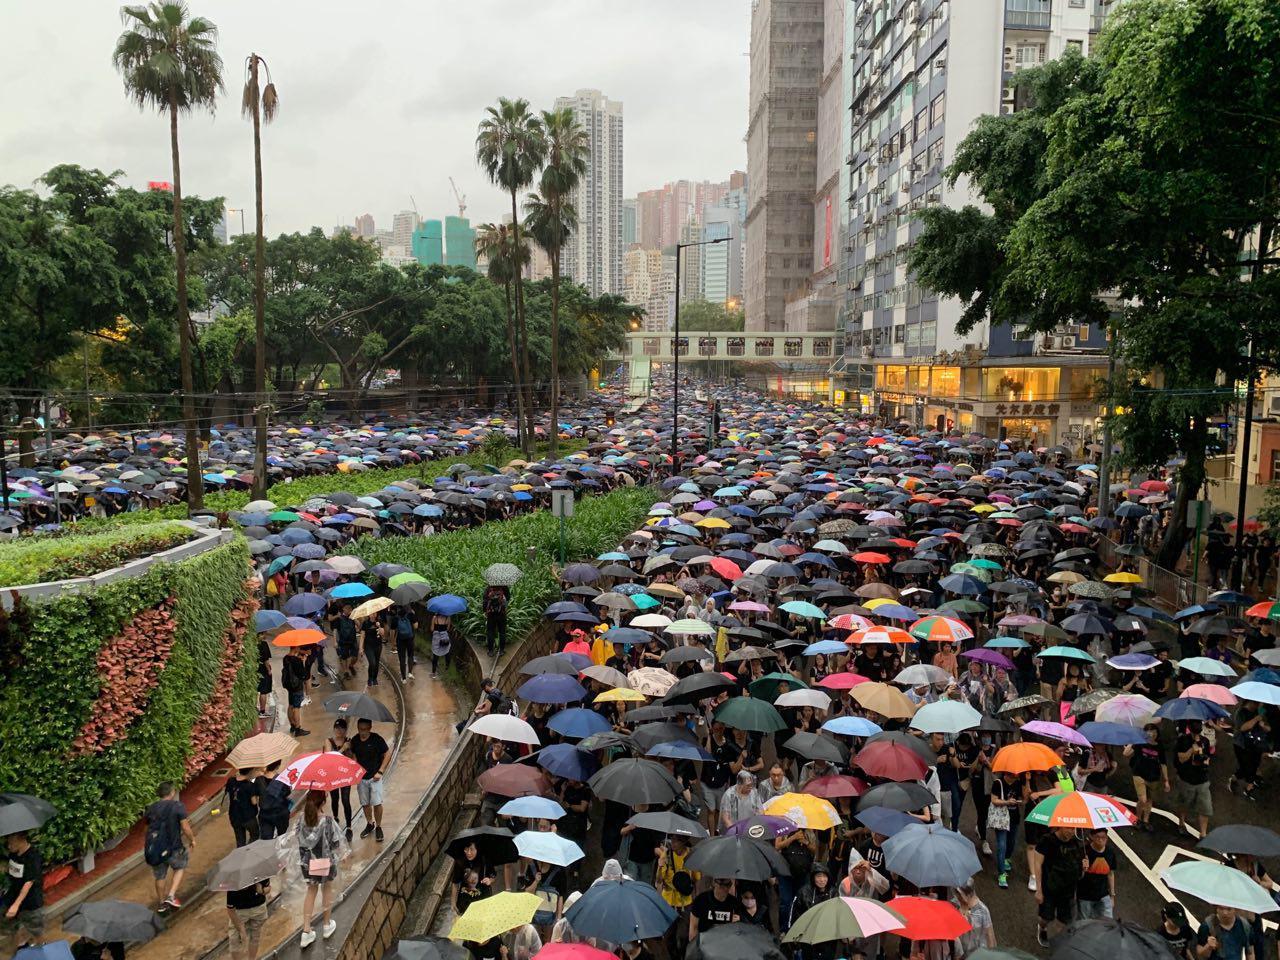 8月18日維園集會擠爆走出來的自然壯觀遊行隊伍兵分三路站滿彌敦道、怡和街處等三條路。(駱亞 / 大紀元)